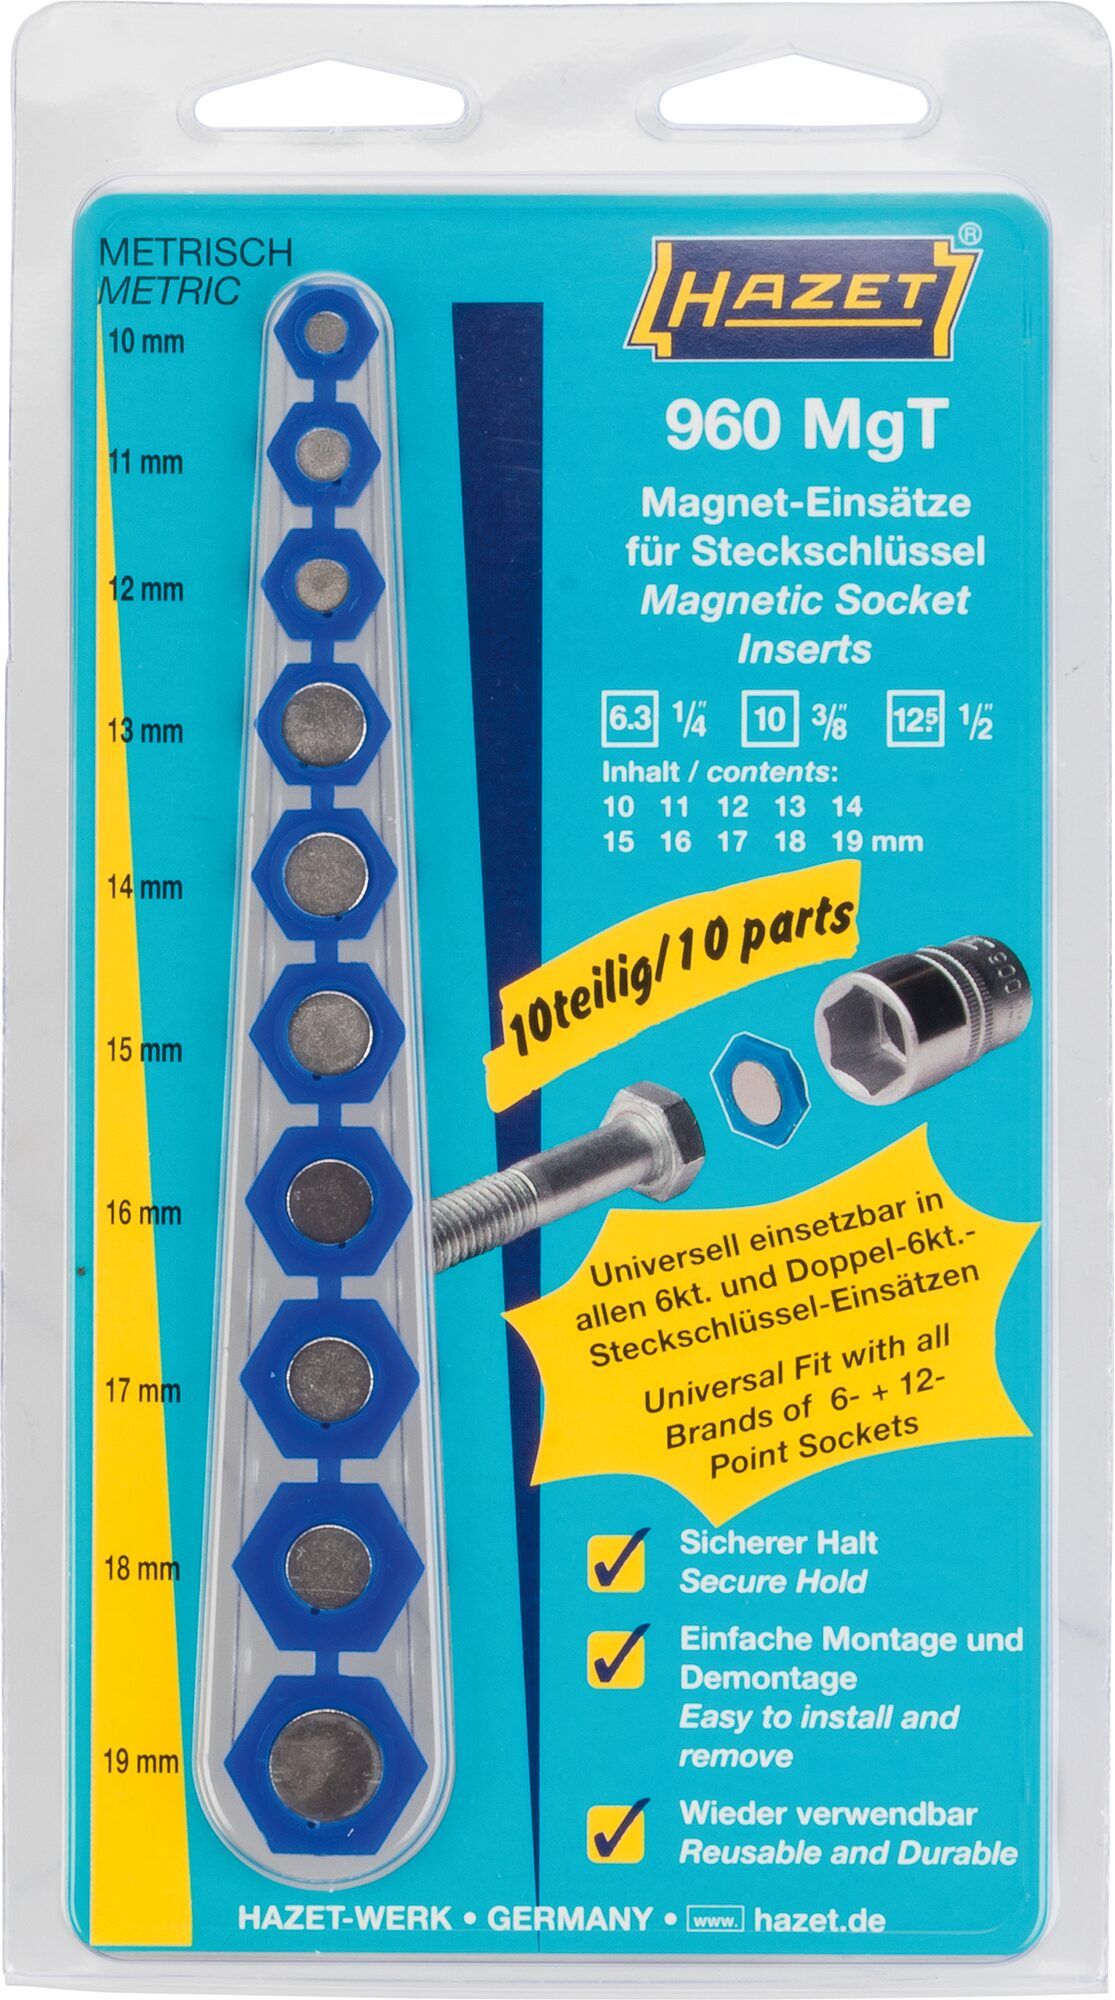 HAZET Magnet-Einsatz für Steckschlüssel 960MGT ∙ Außen-Sechskant Profil